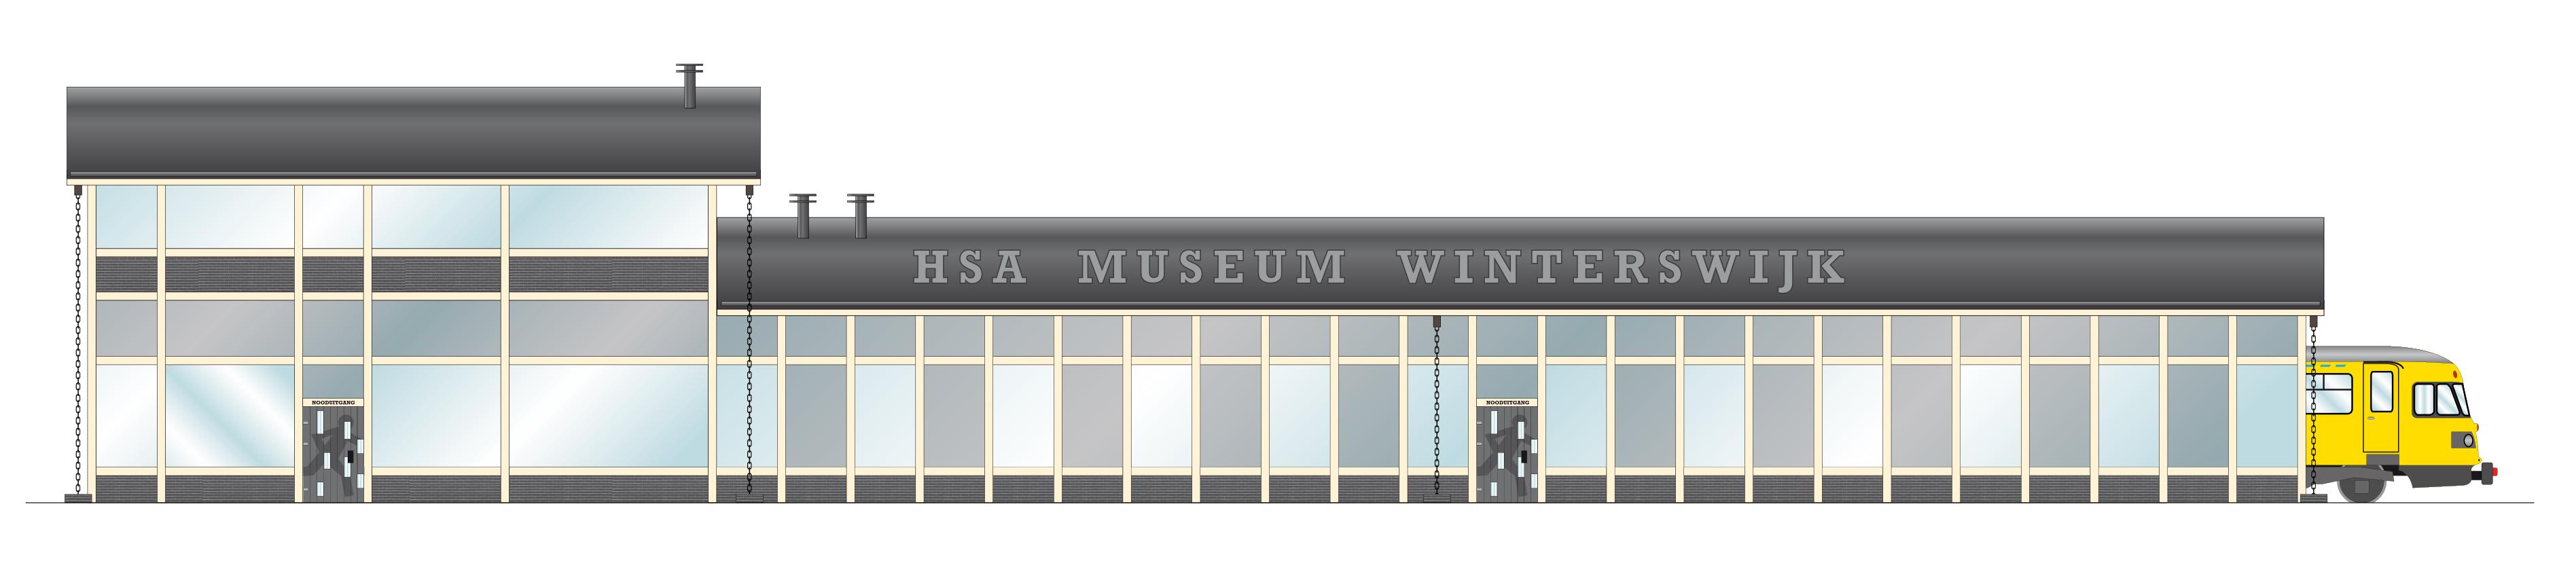 OV museum Transit Oost Winterswijk spoorzijde